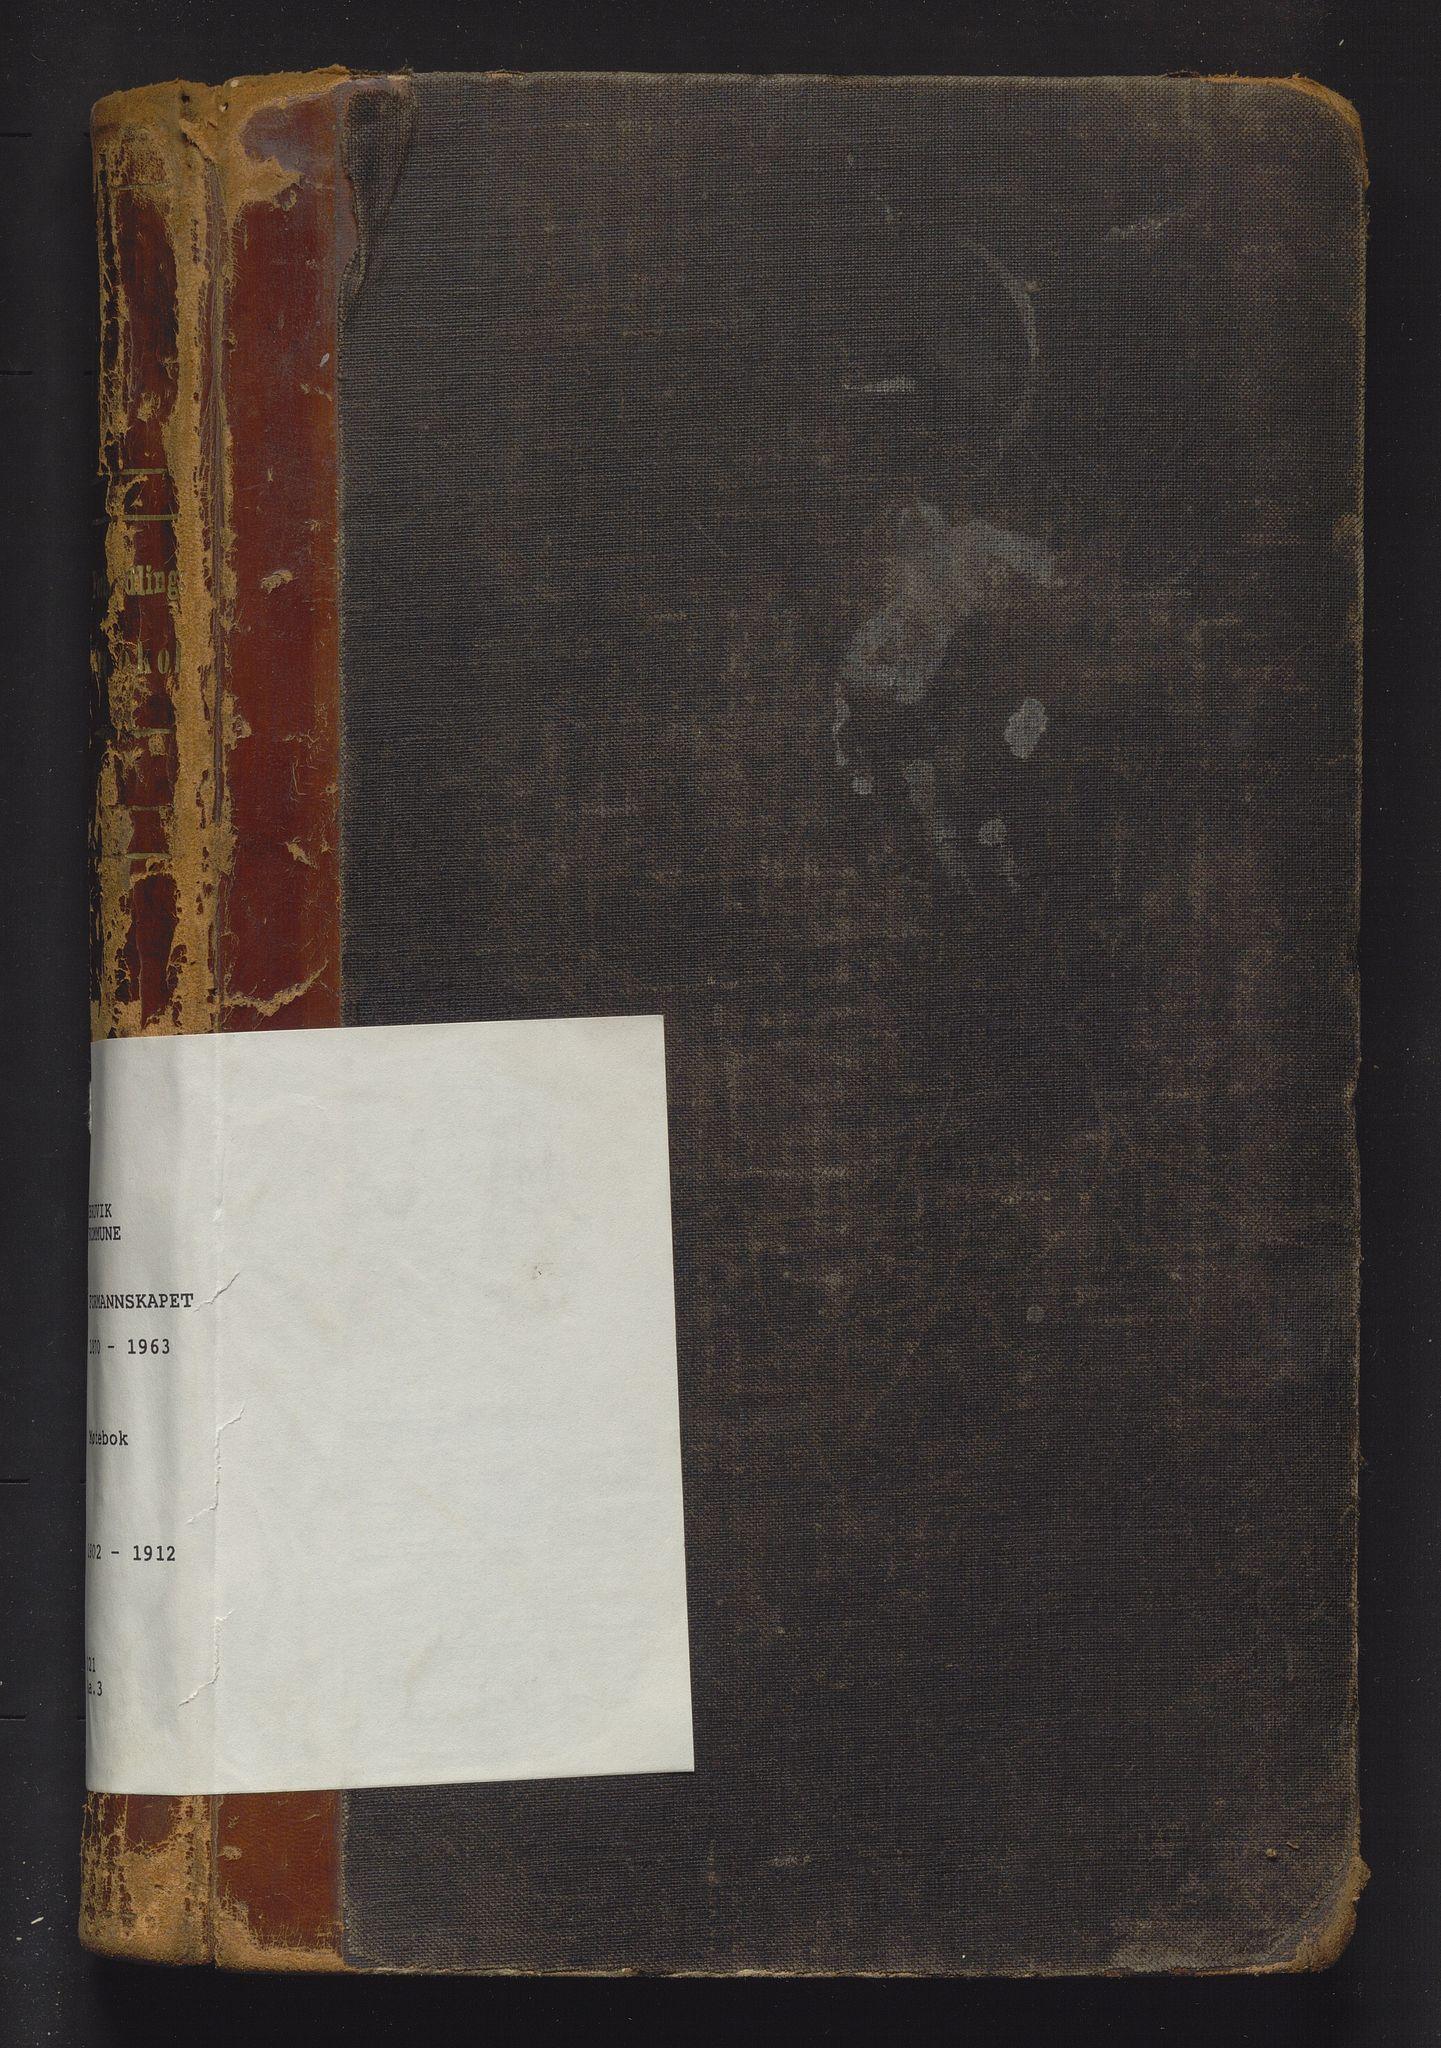 IKAH, Bruvik kommune. Formannskapet , A/Aa/L0003: Møtebok for formannskap og heradsstyre, 1902-1912